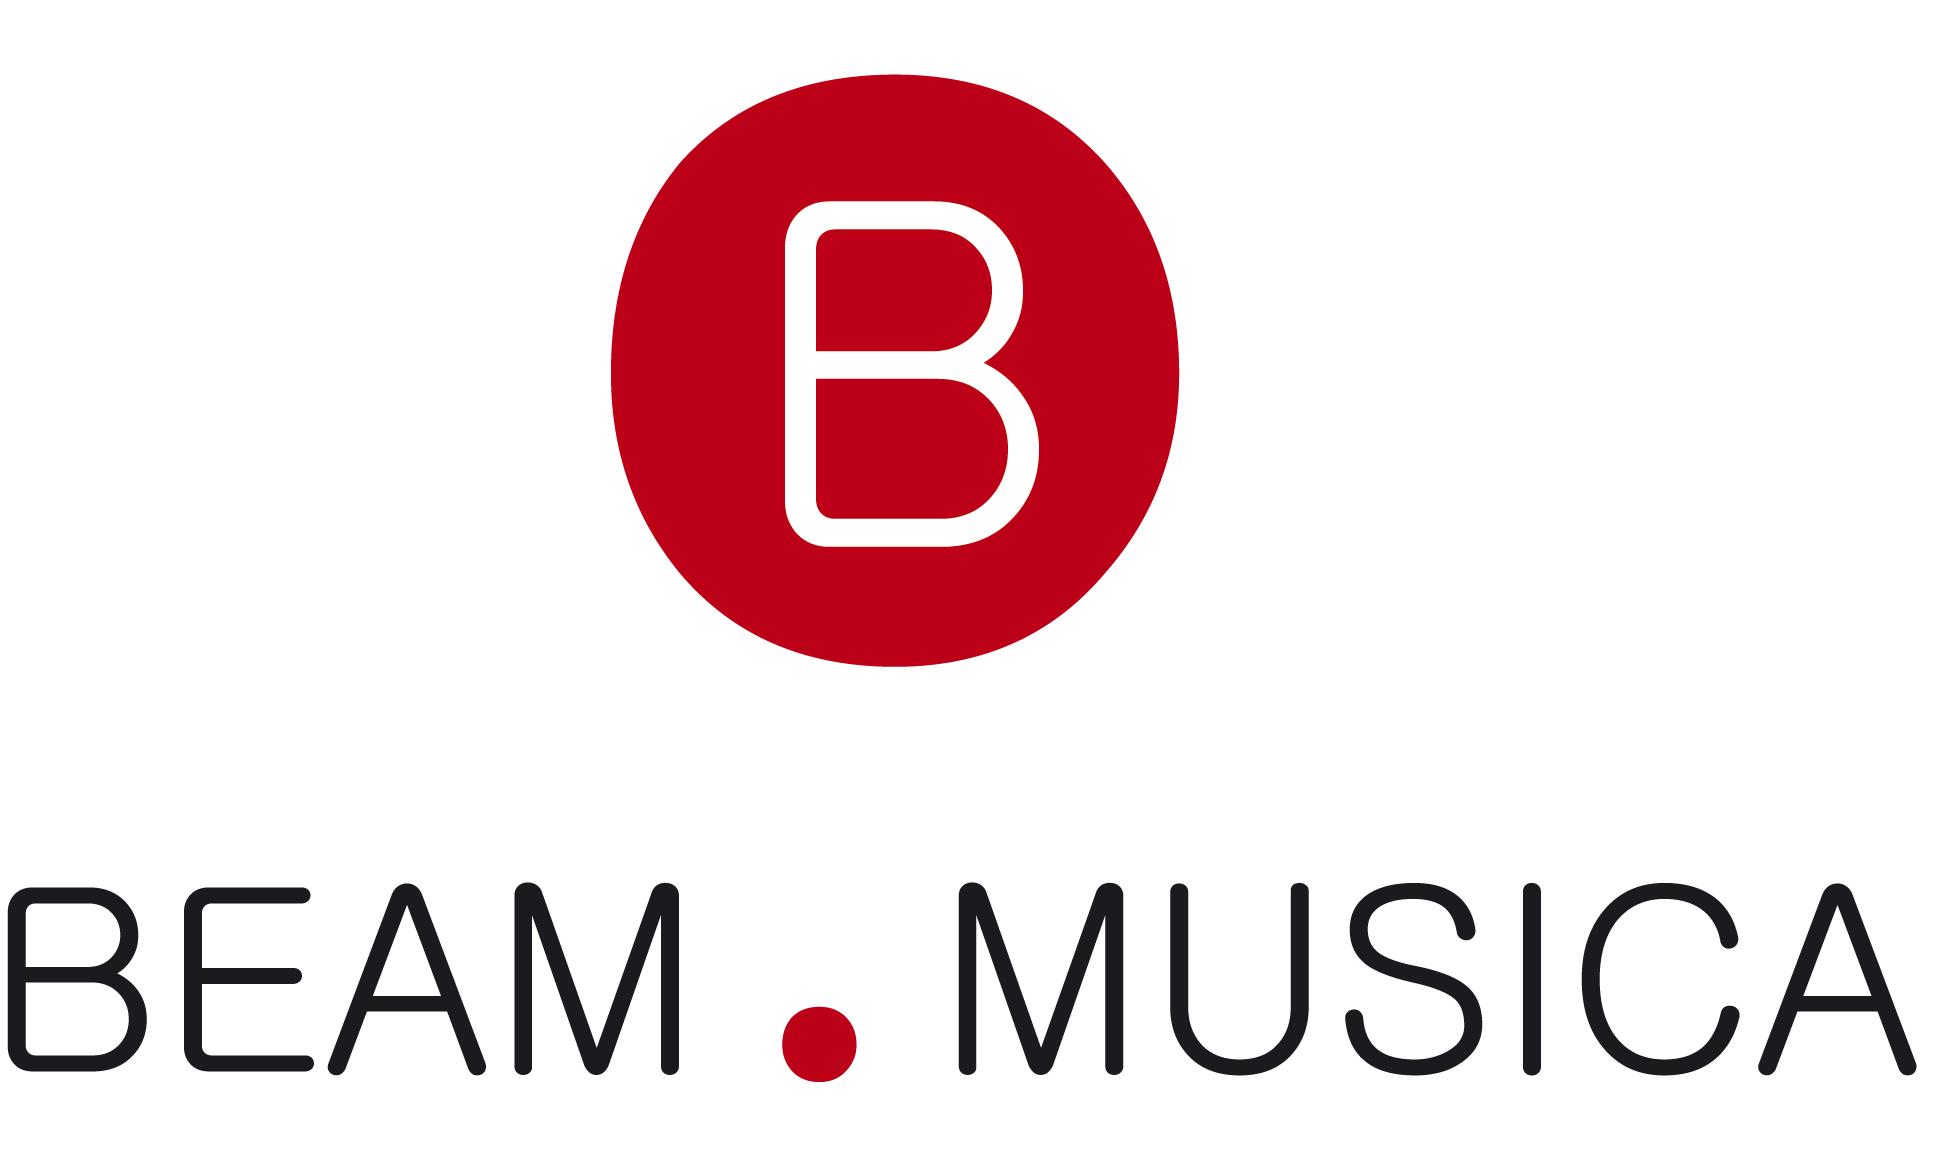 BEAM . MUSICA